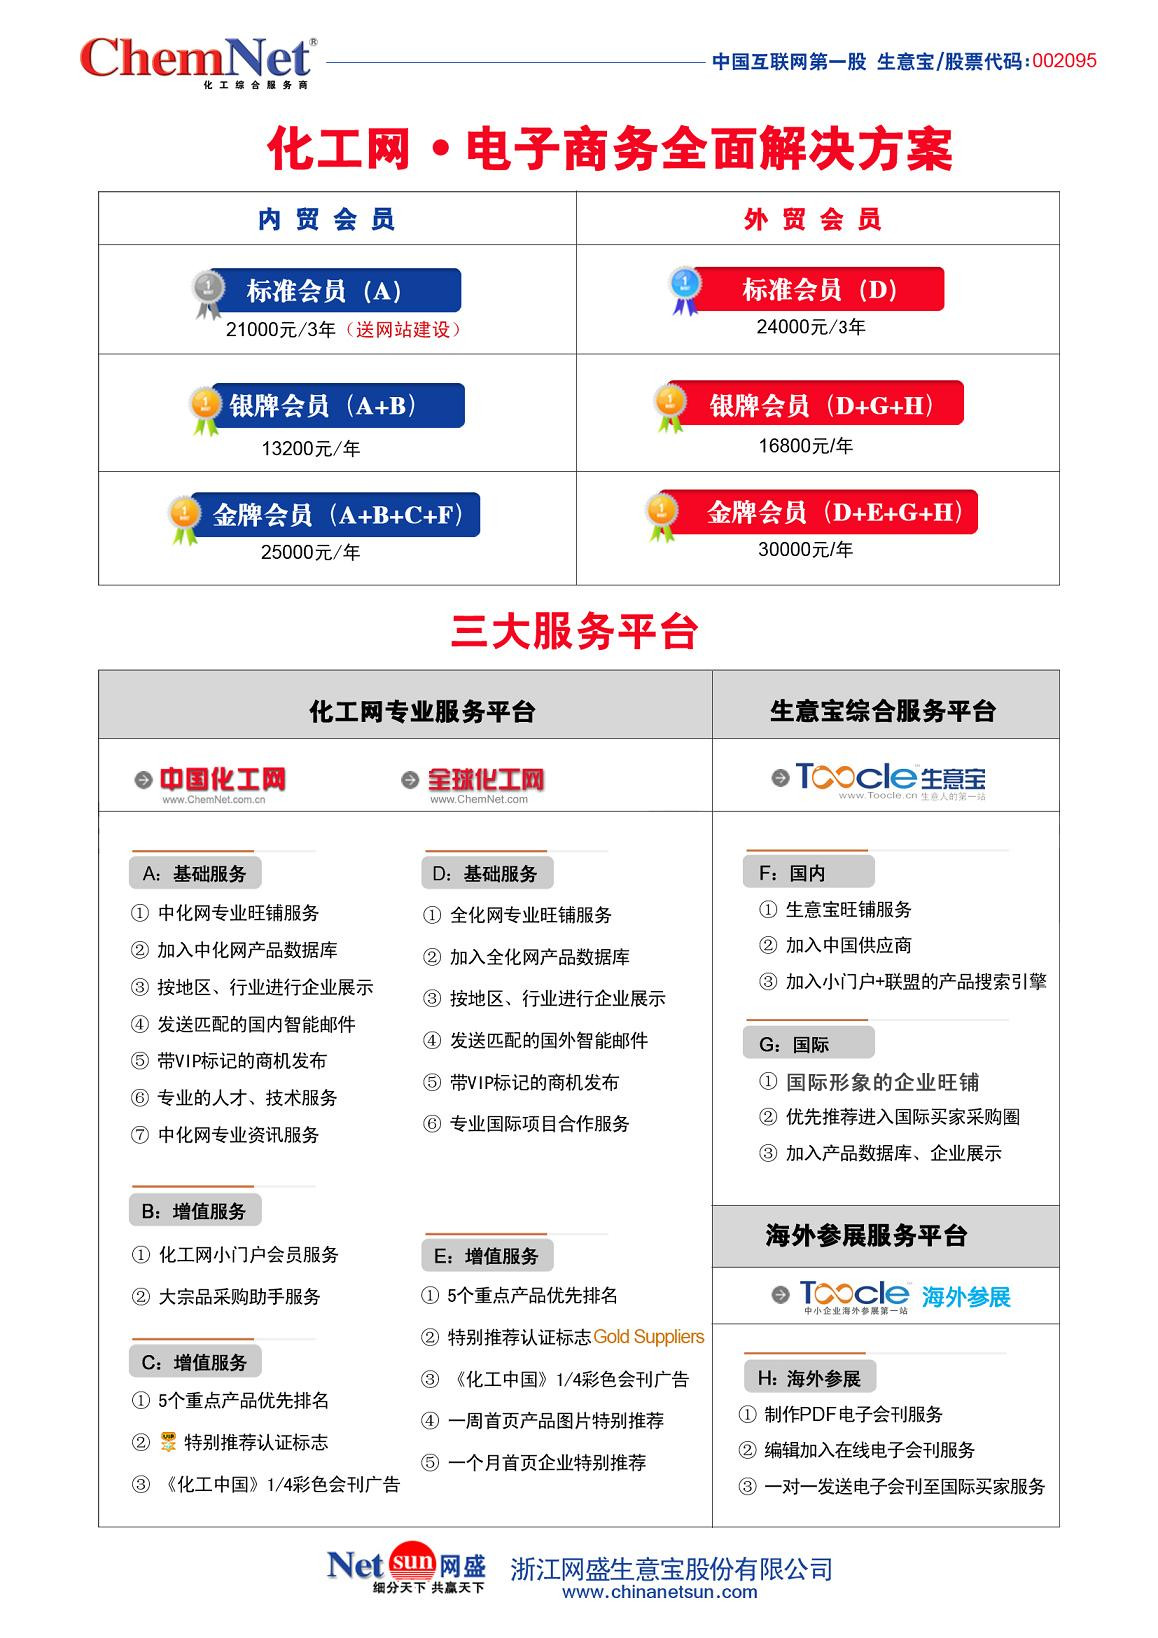 中国化工网金牌会员